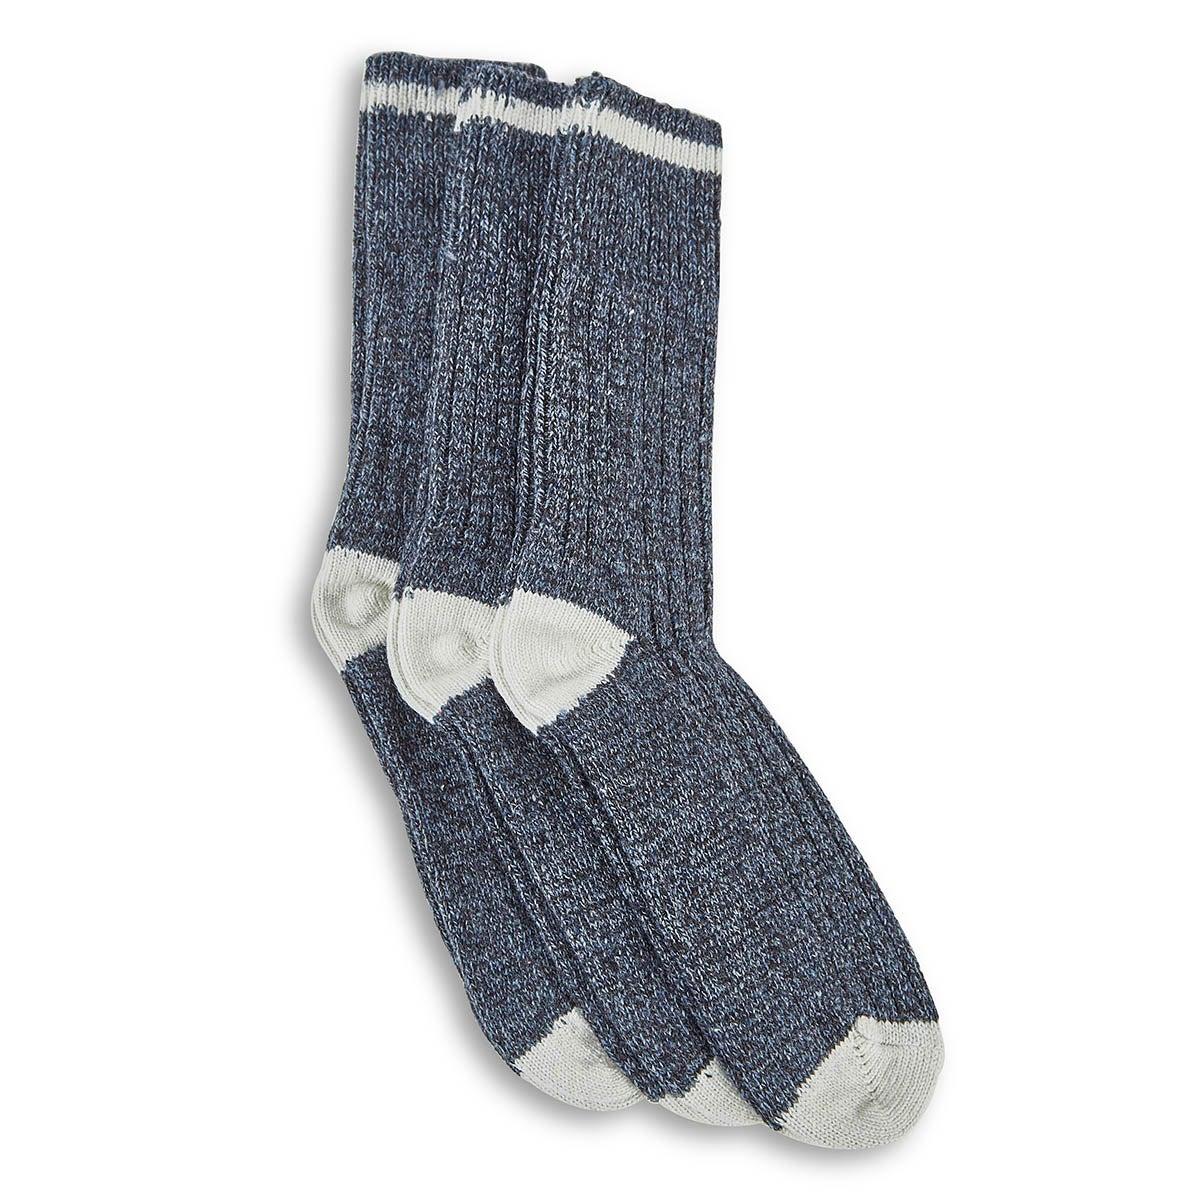 Men's DURAY denim wool blend socks - 3pk